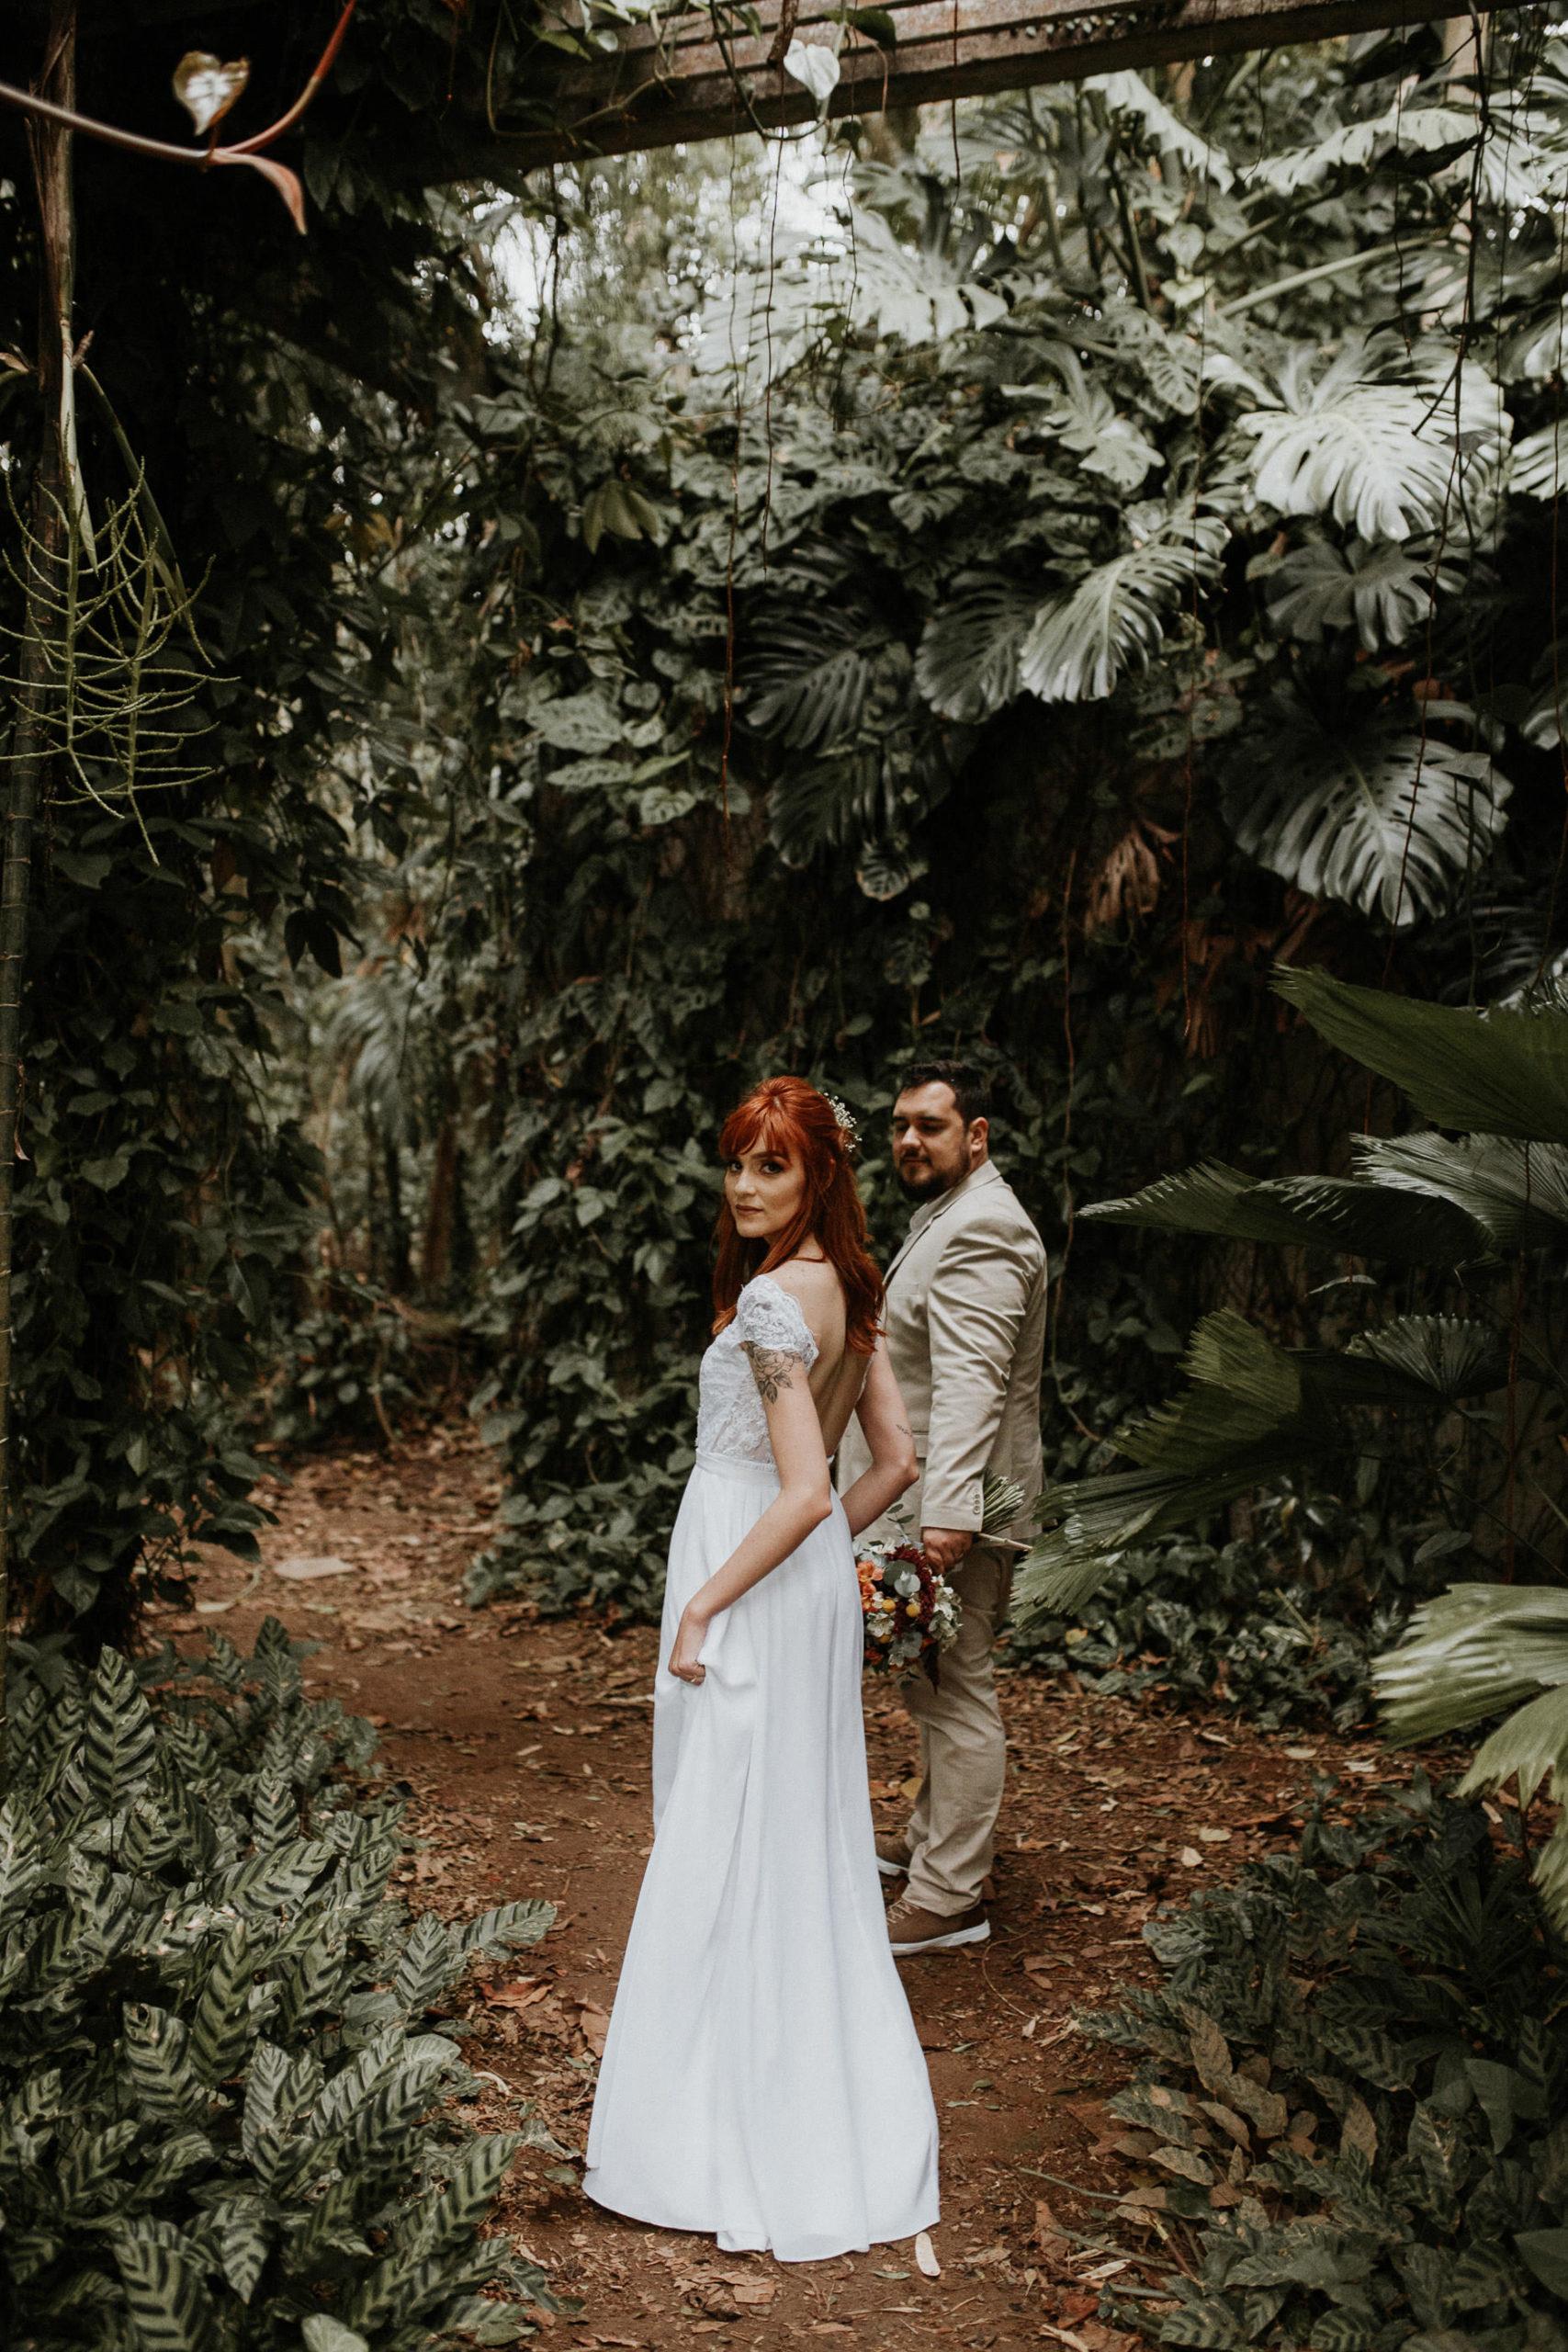 Karine Britto | Fotografia Minimalista de Casamentos Diurnos & Mini Weddings em São Paulo